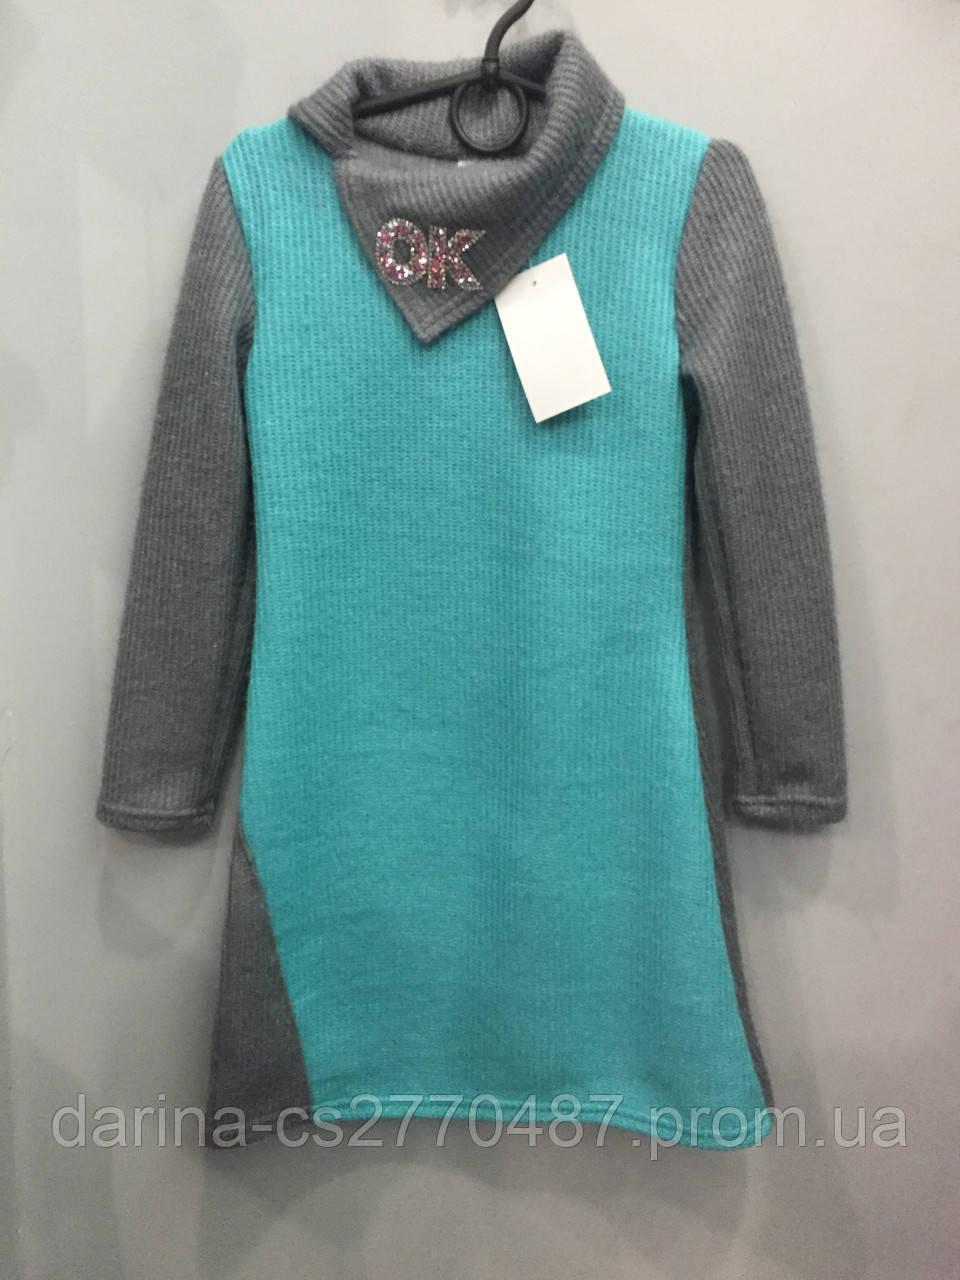 e78955cbcb6 Подростковое теплое платье для девочки - Дарина - интернет магазин детской  и мужской одежды. Новогодние